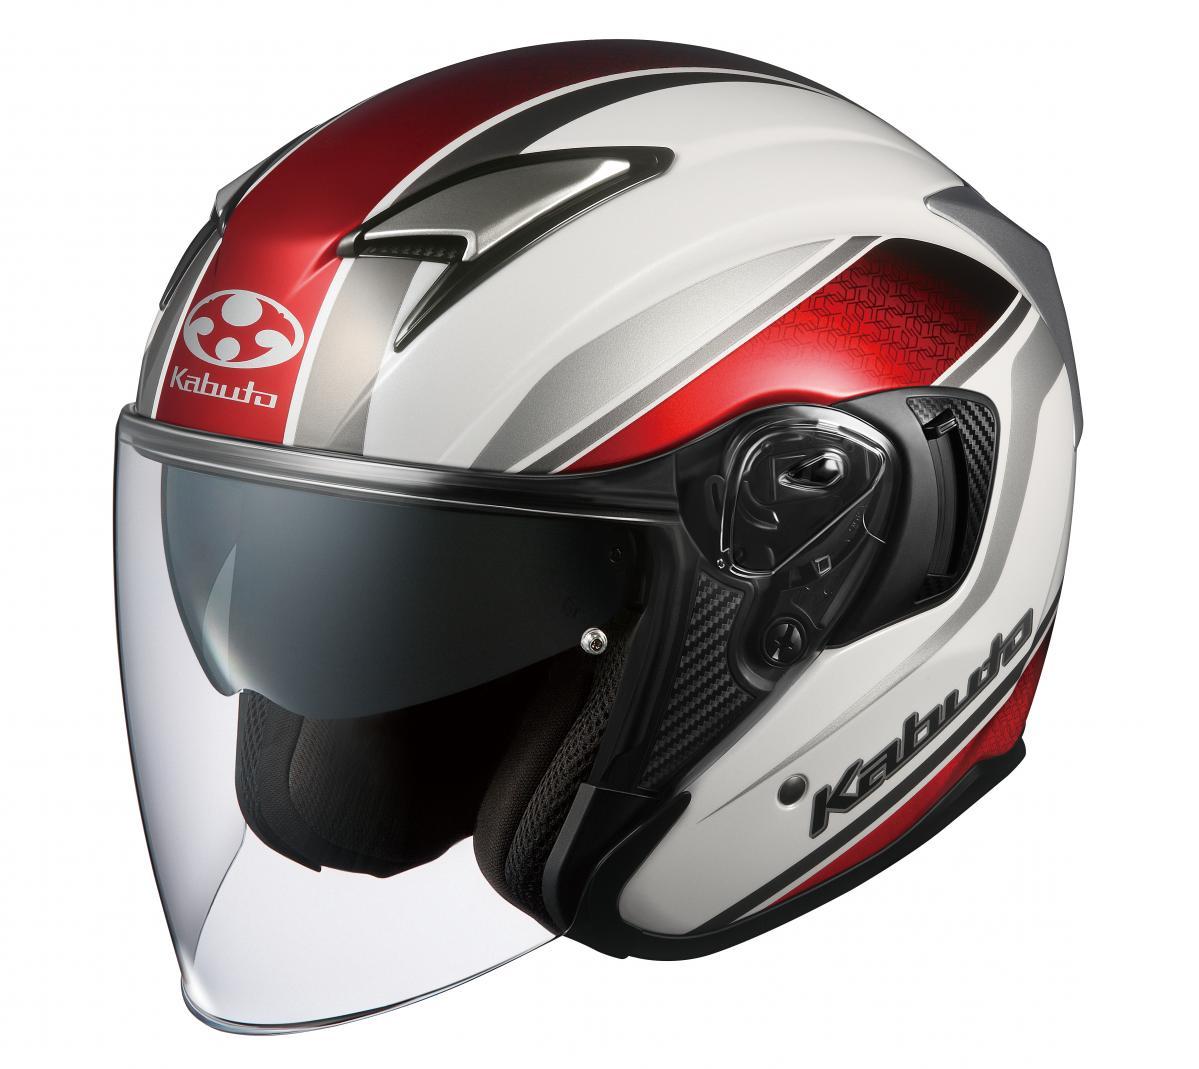 価格よし、見た目よし。 Kabutoのジェットヘルメット、エクシード デュース発売